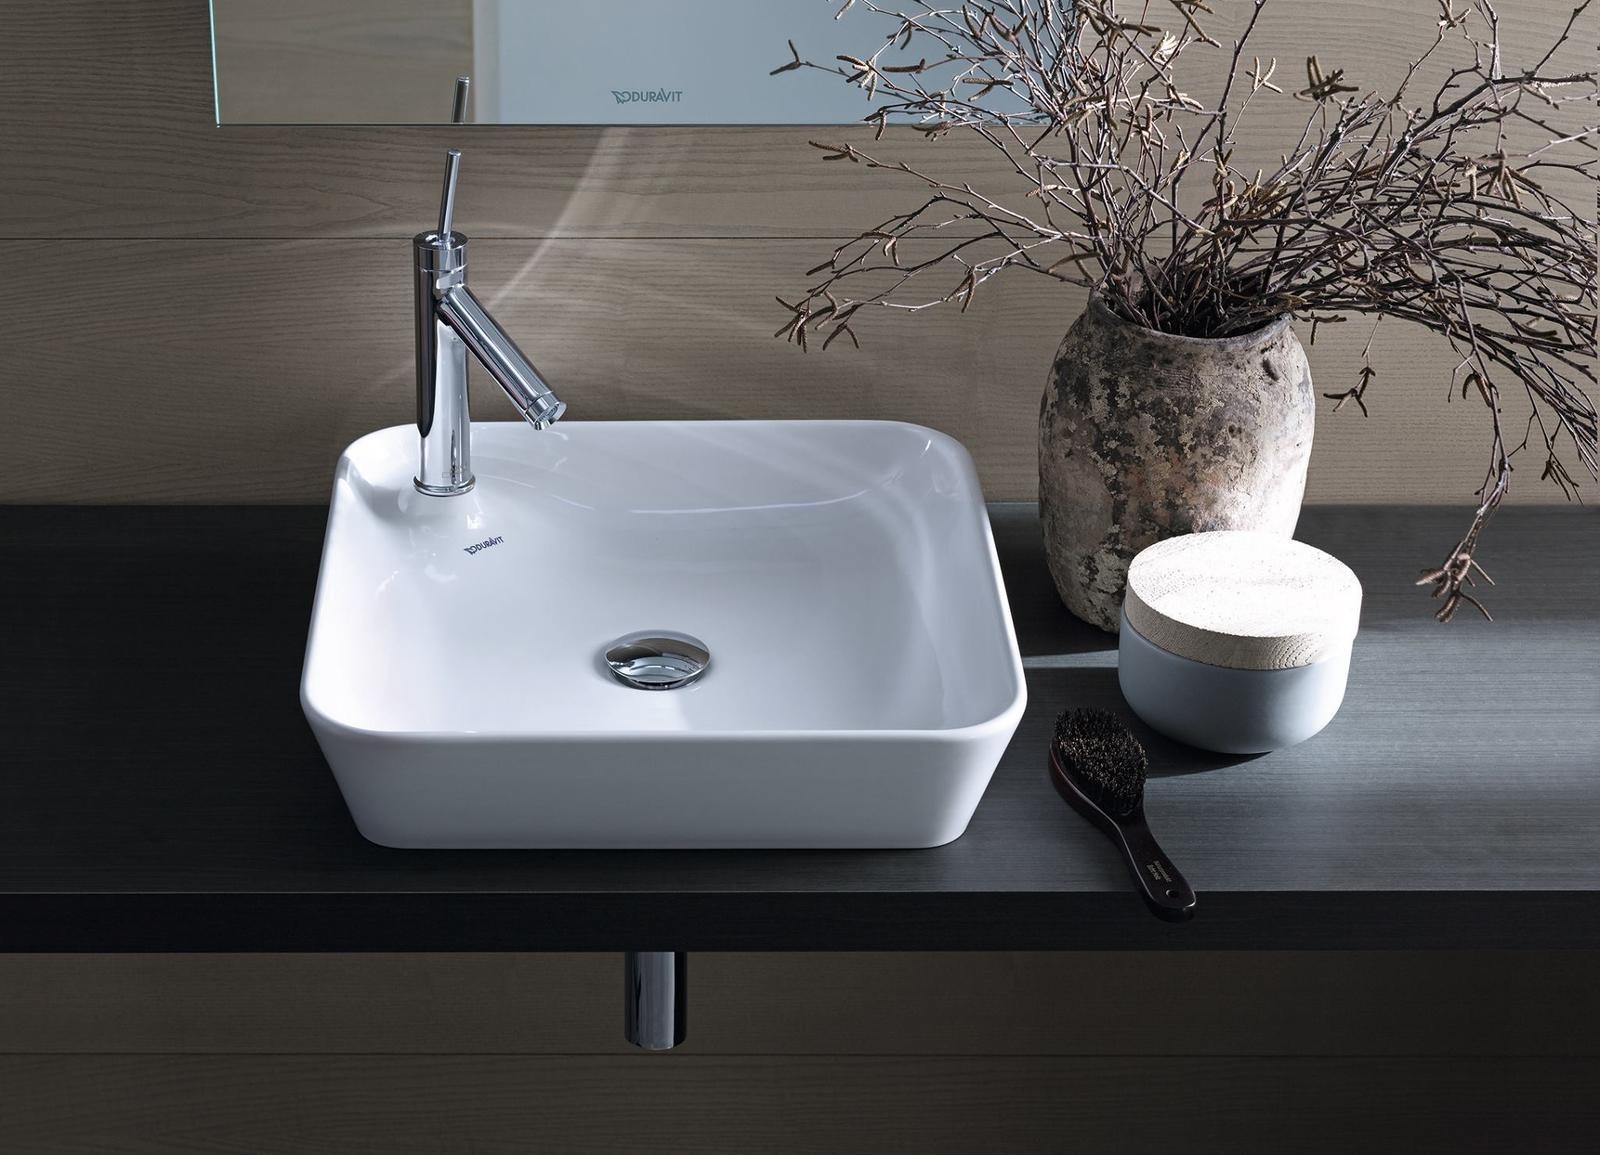 Zariaďujeme luxusnú kúpeľňu - Obrázok č. 7